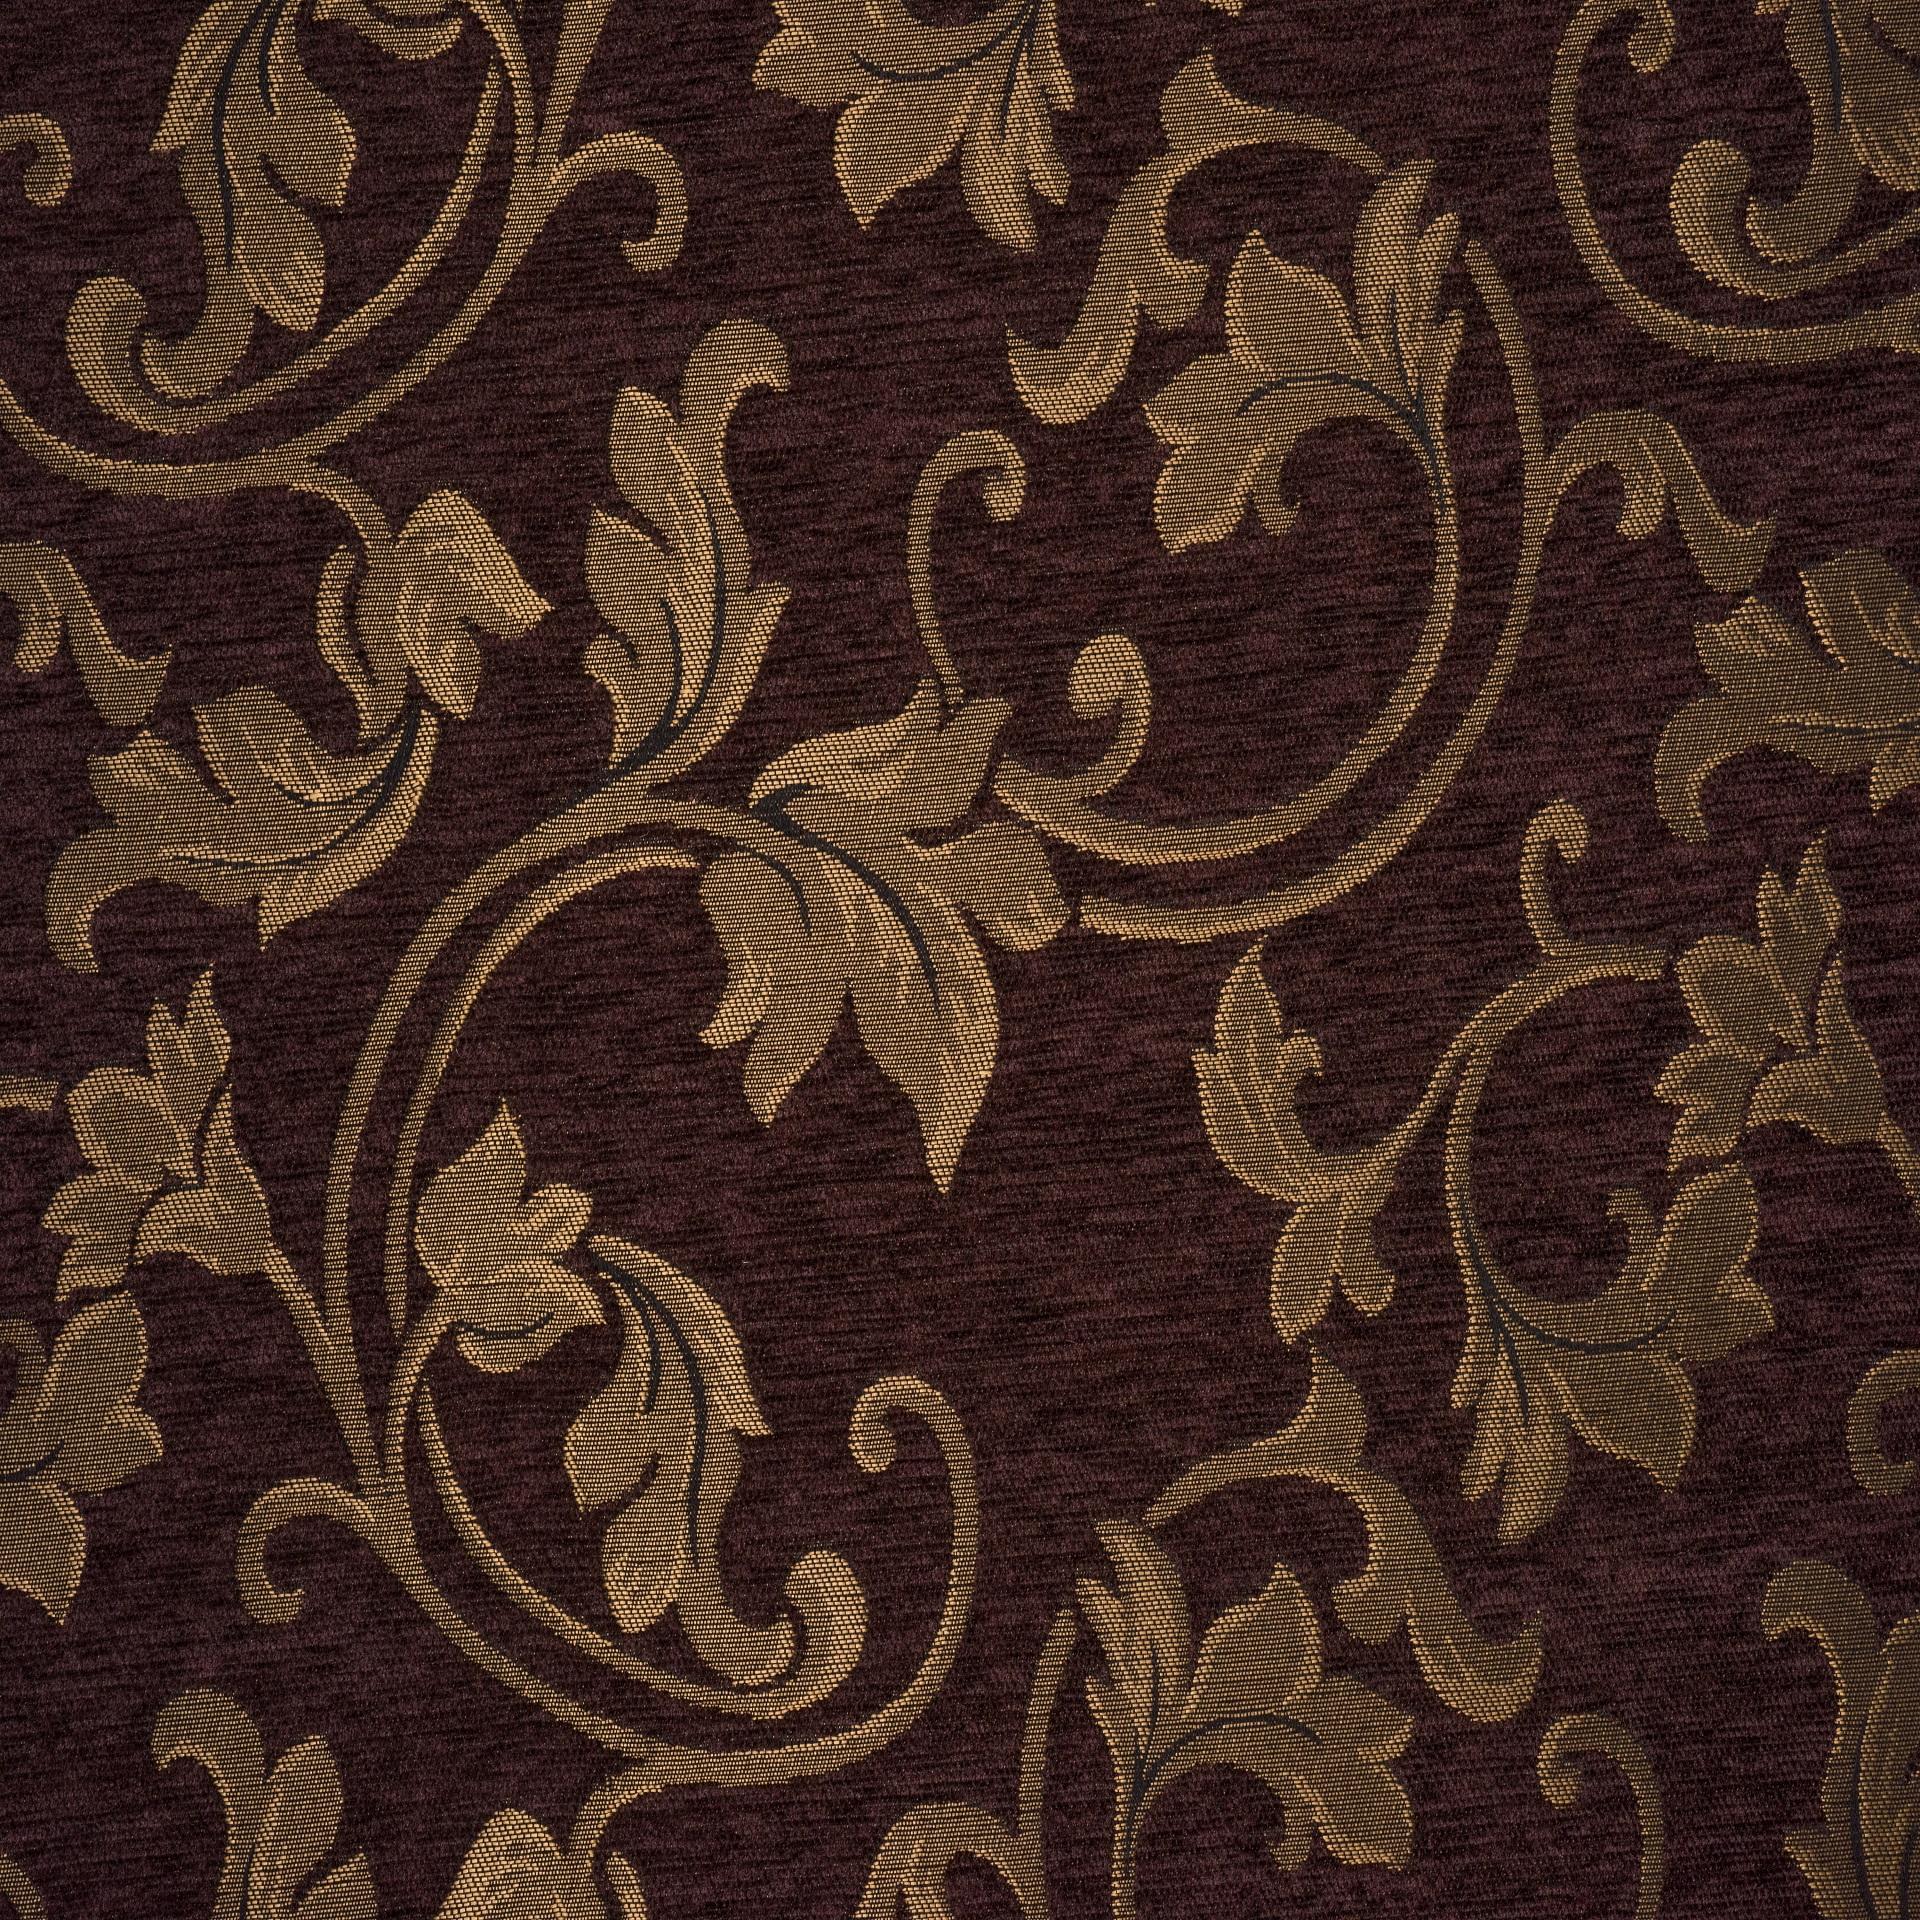 Коллекция ткани Бостон CHOCOLATE,  купить ткань Шенилл для мебели Украина